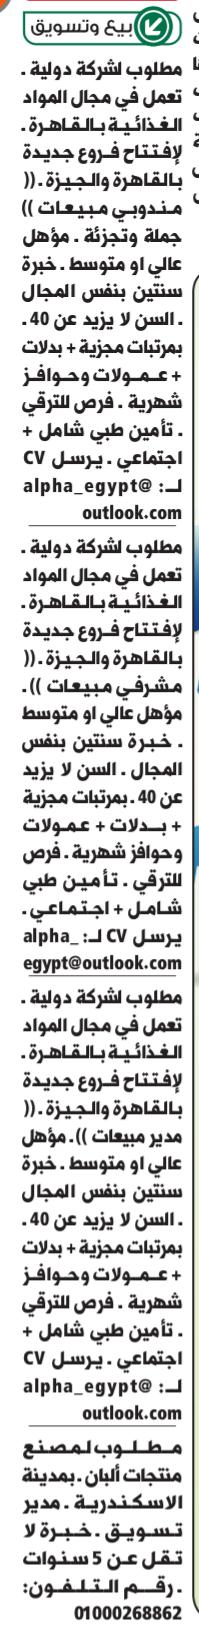 وظائف الوسيط اليوم 27/4/2020 نسخة الاسكندرية 4